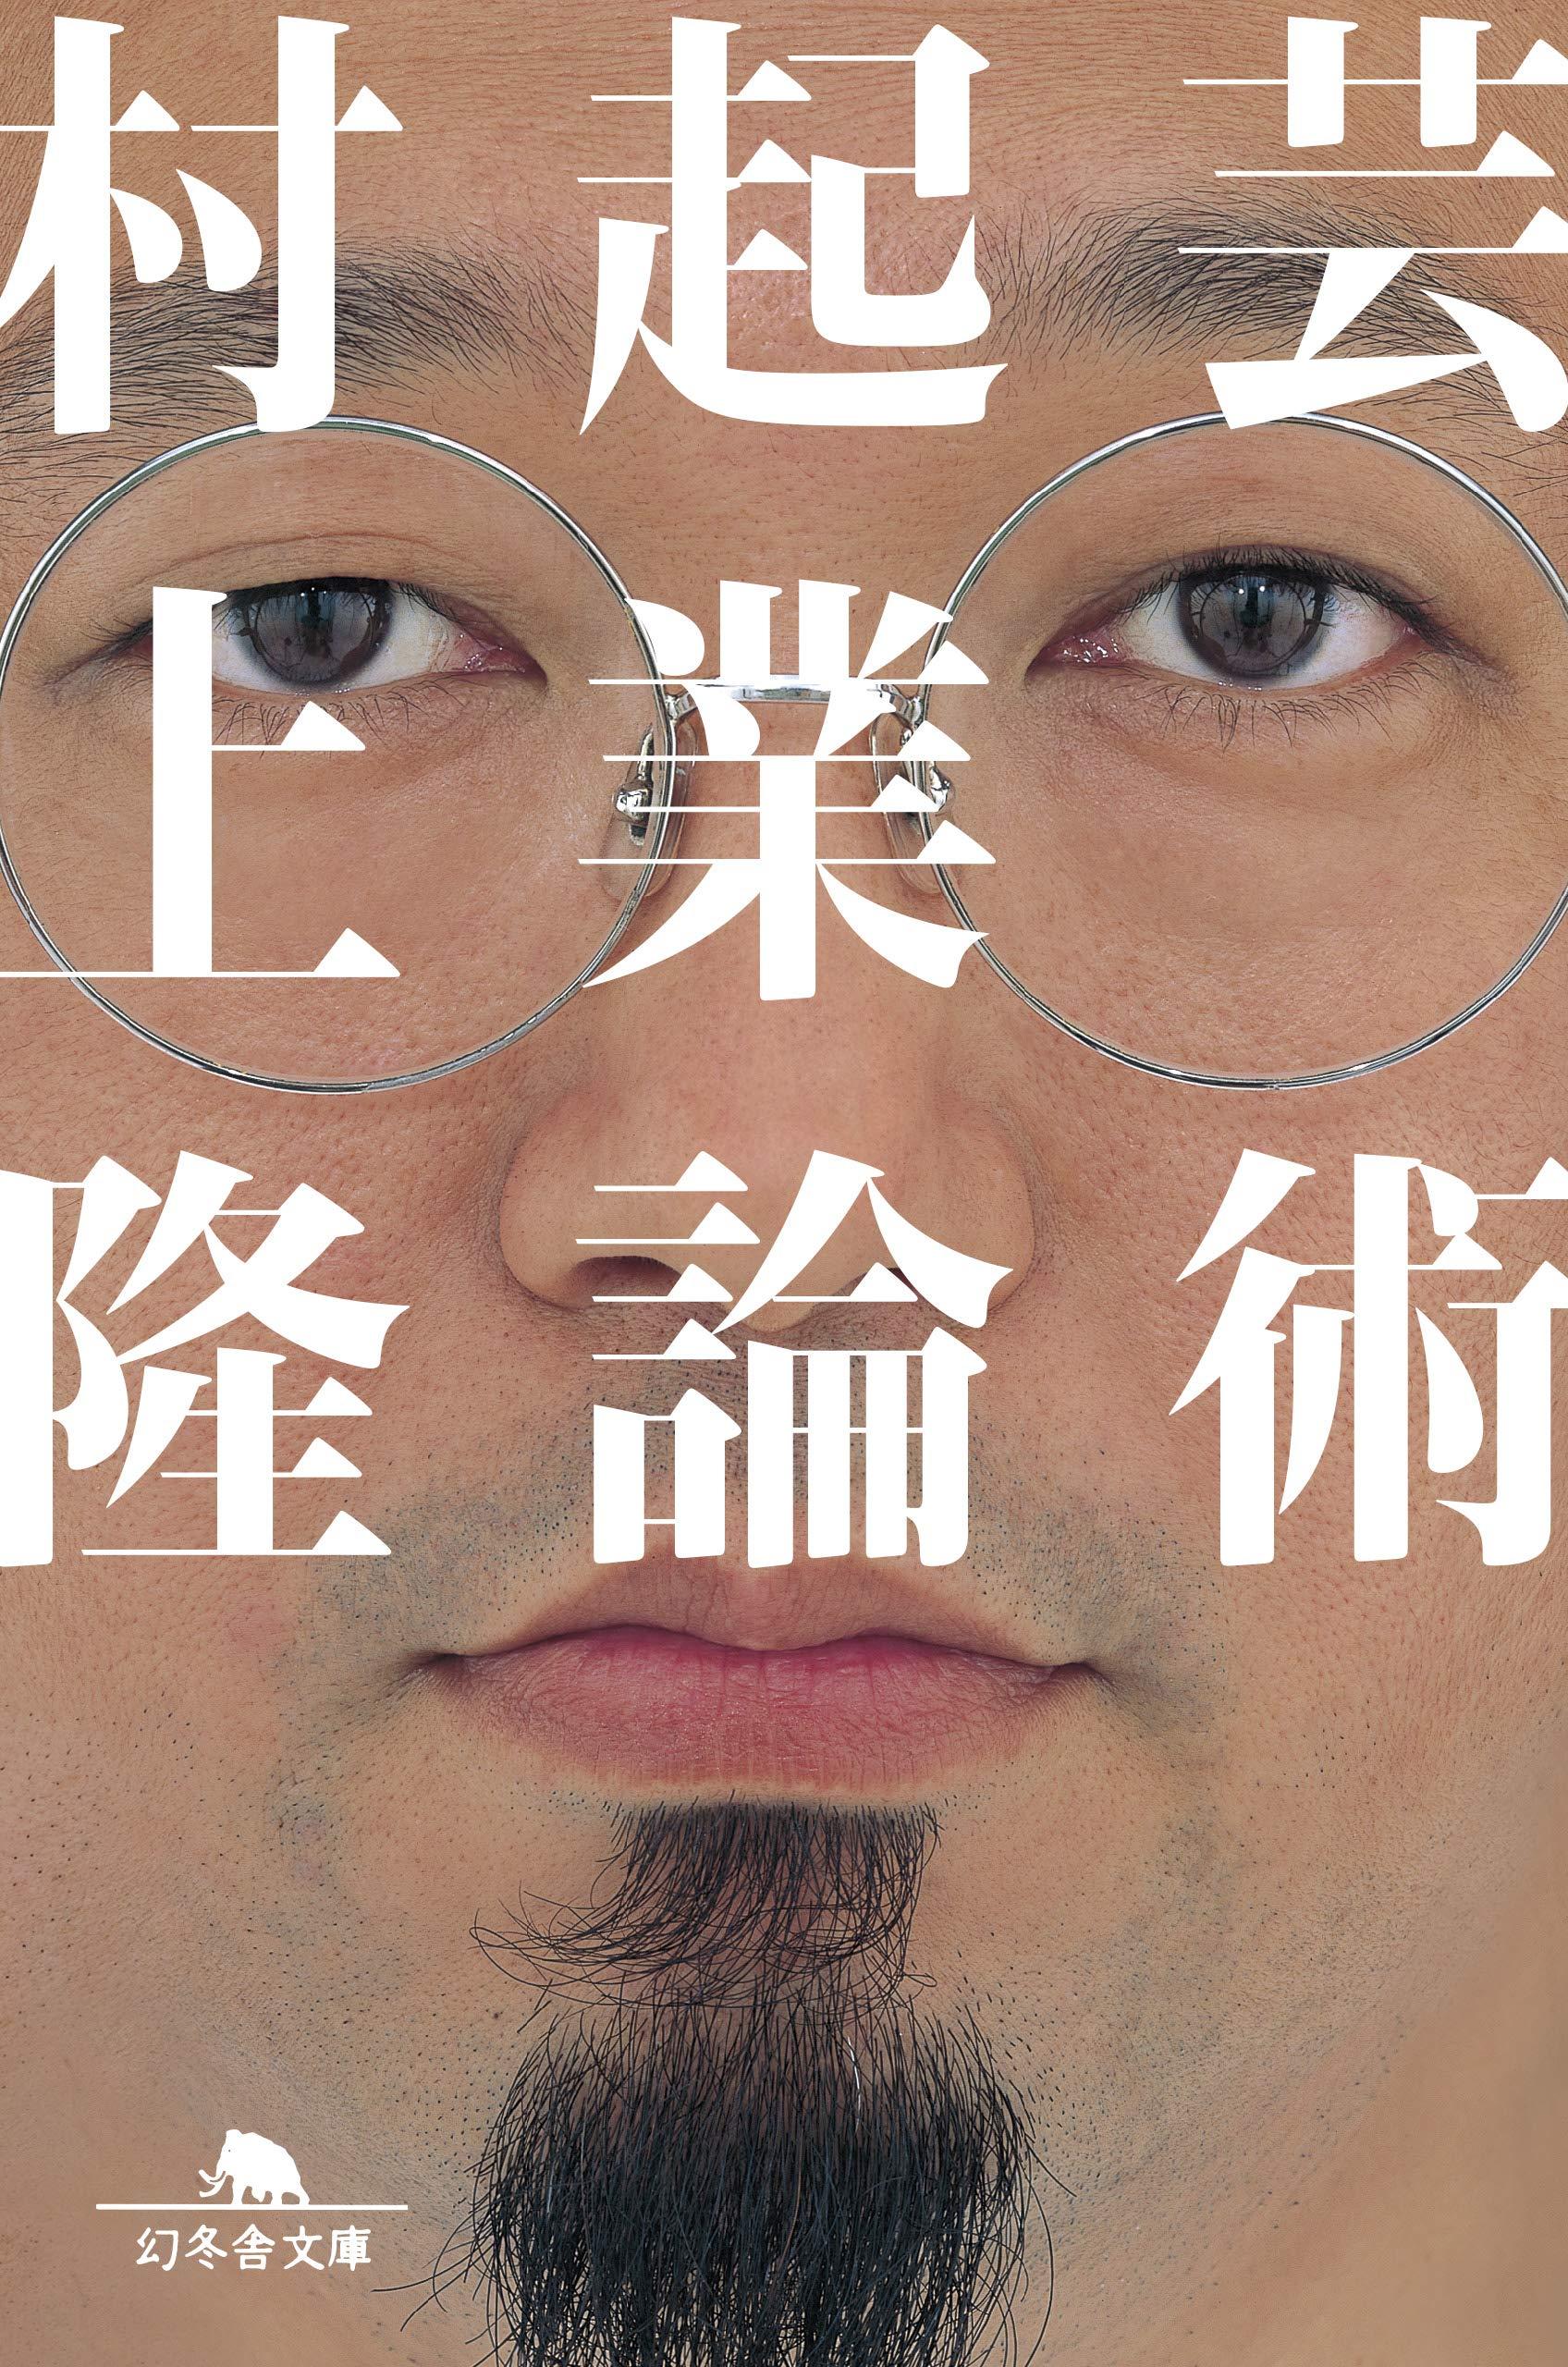 村上隆(2018)『芸術起業論』幻冬舎文庫